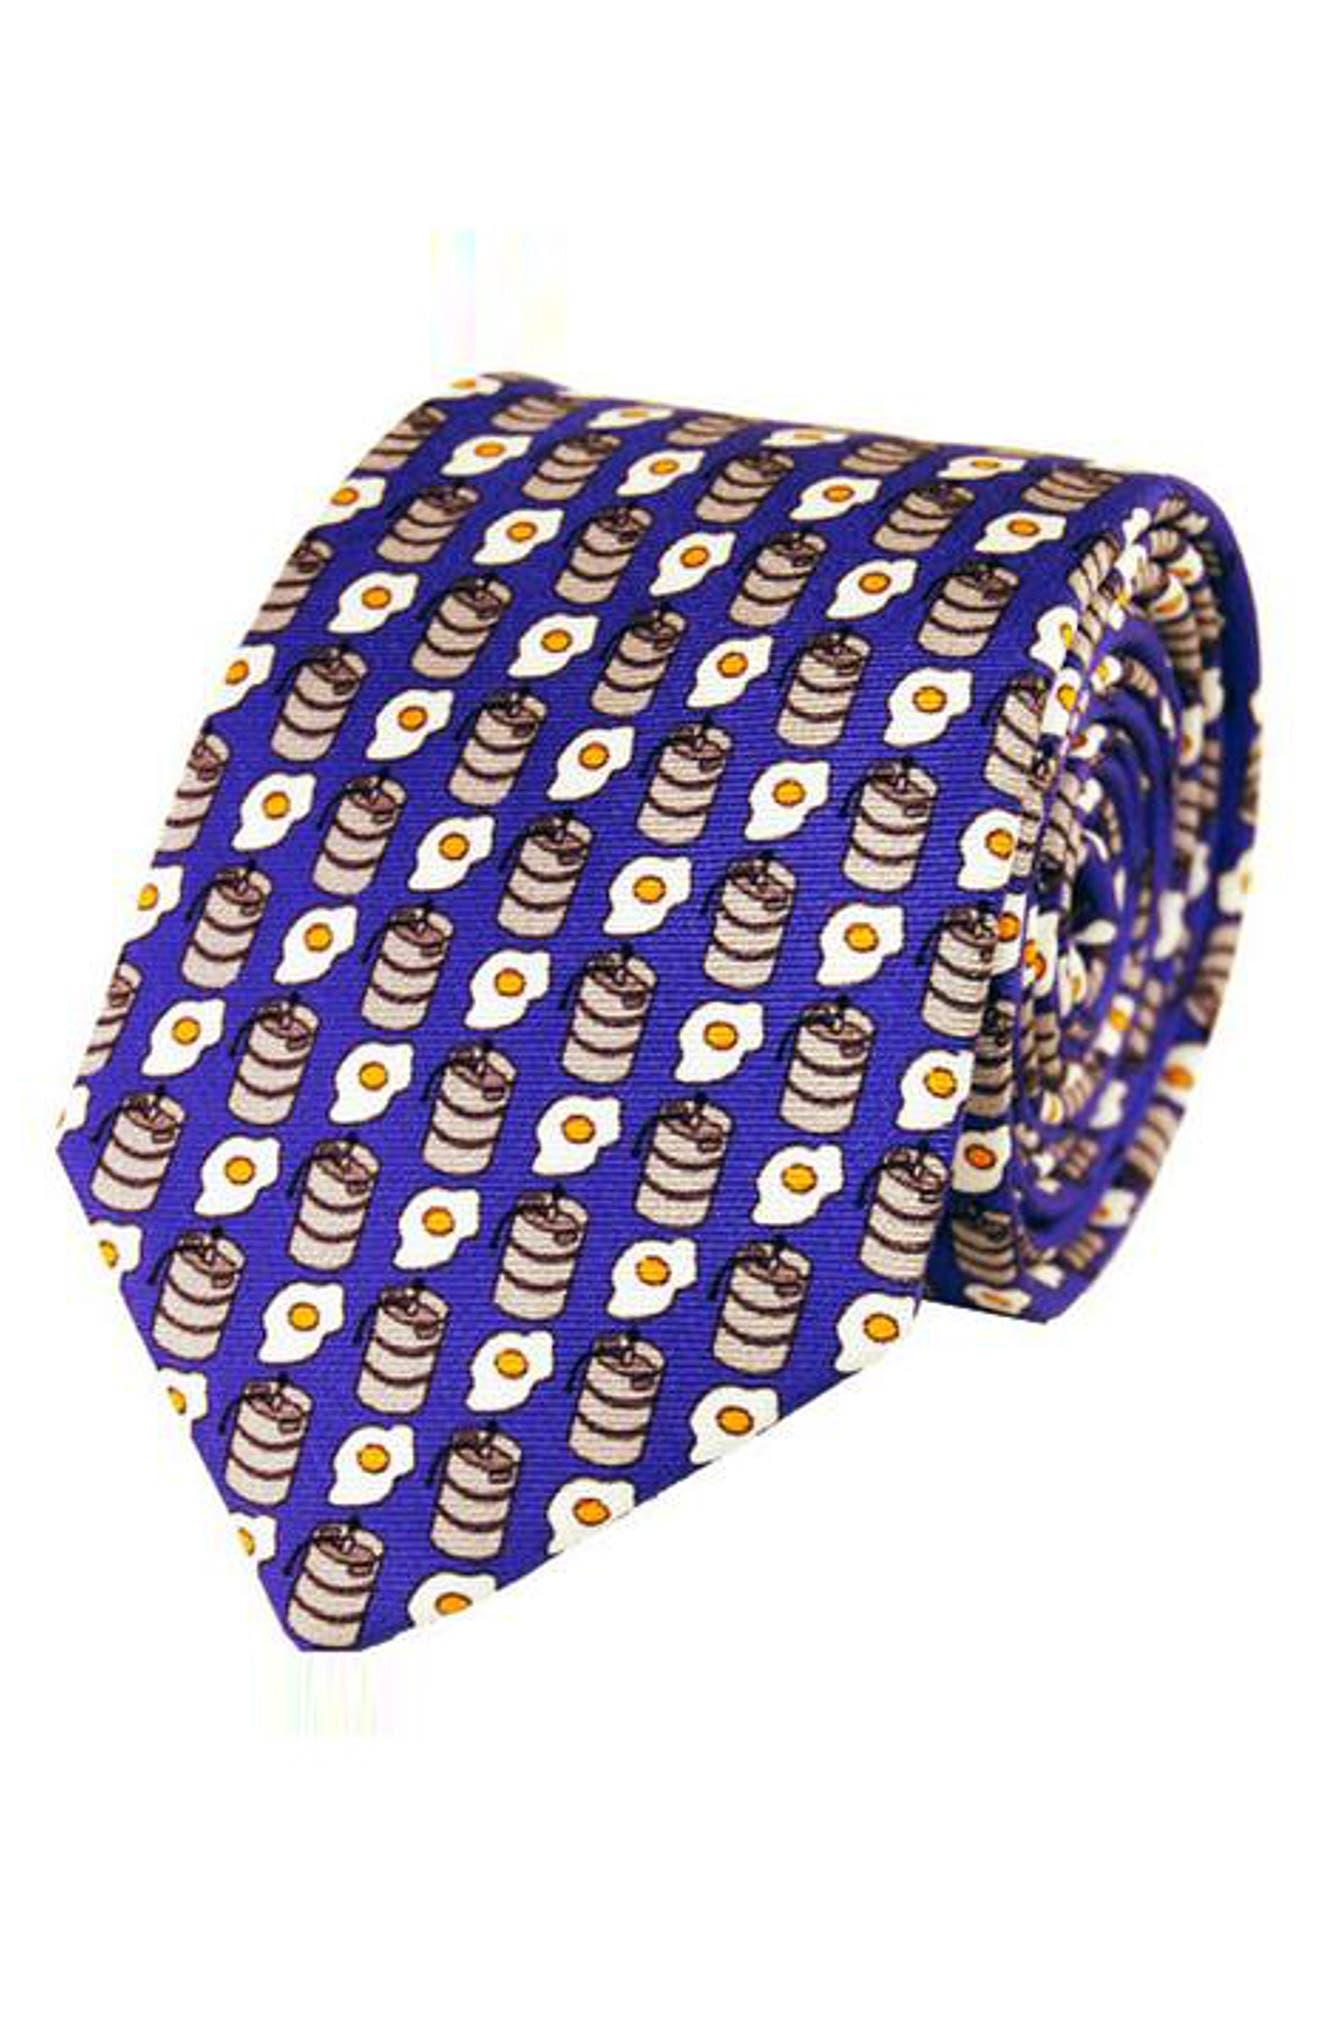 Kegs & Eggs Silk Tie,                         Main,                         color, Blue